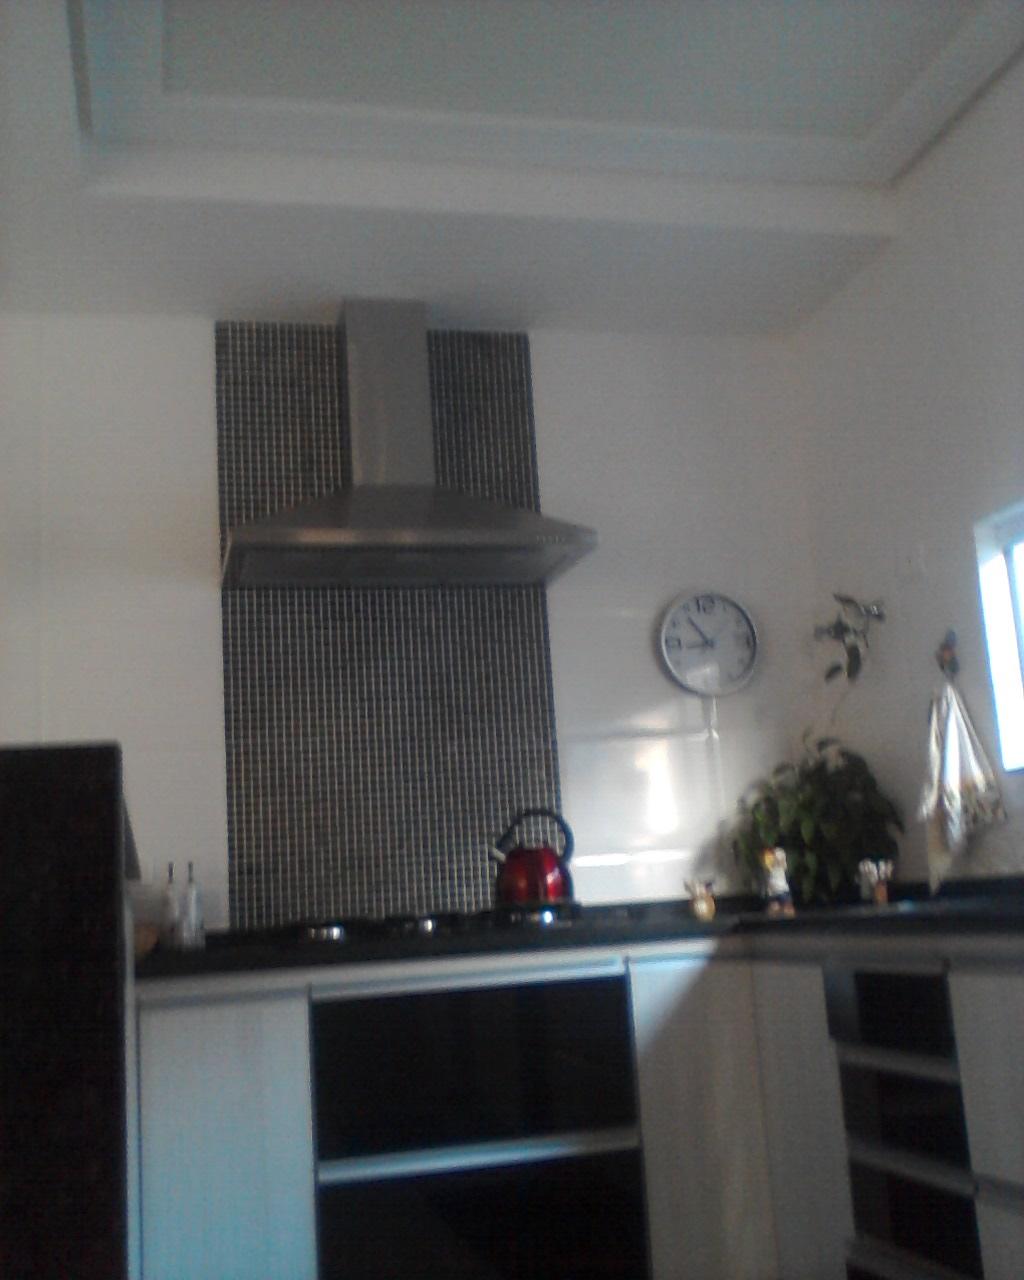 Veja o detalhe do fogão cooktop a coifa as pastilhas de vidro #486D83 1024 1280